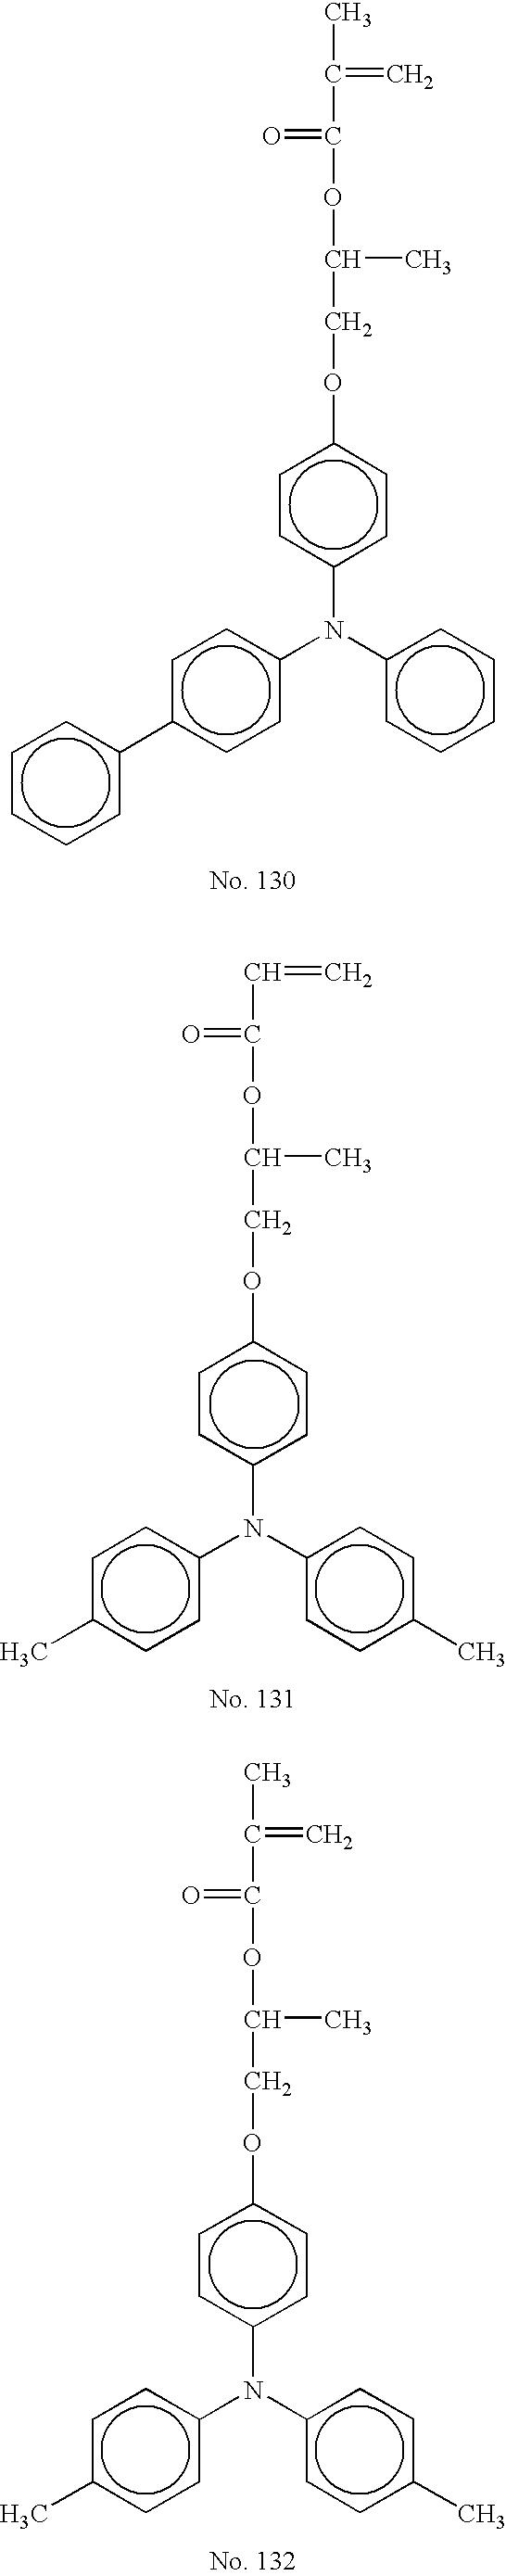 Figure US20070196749A1-20070823-C00046